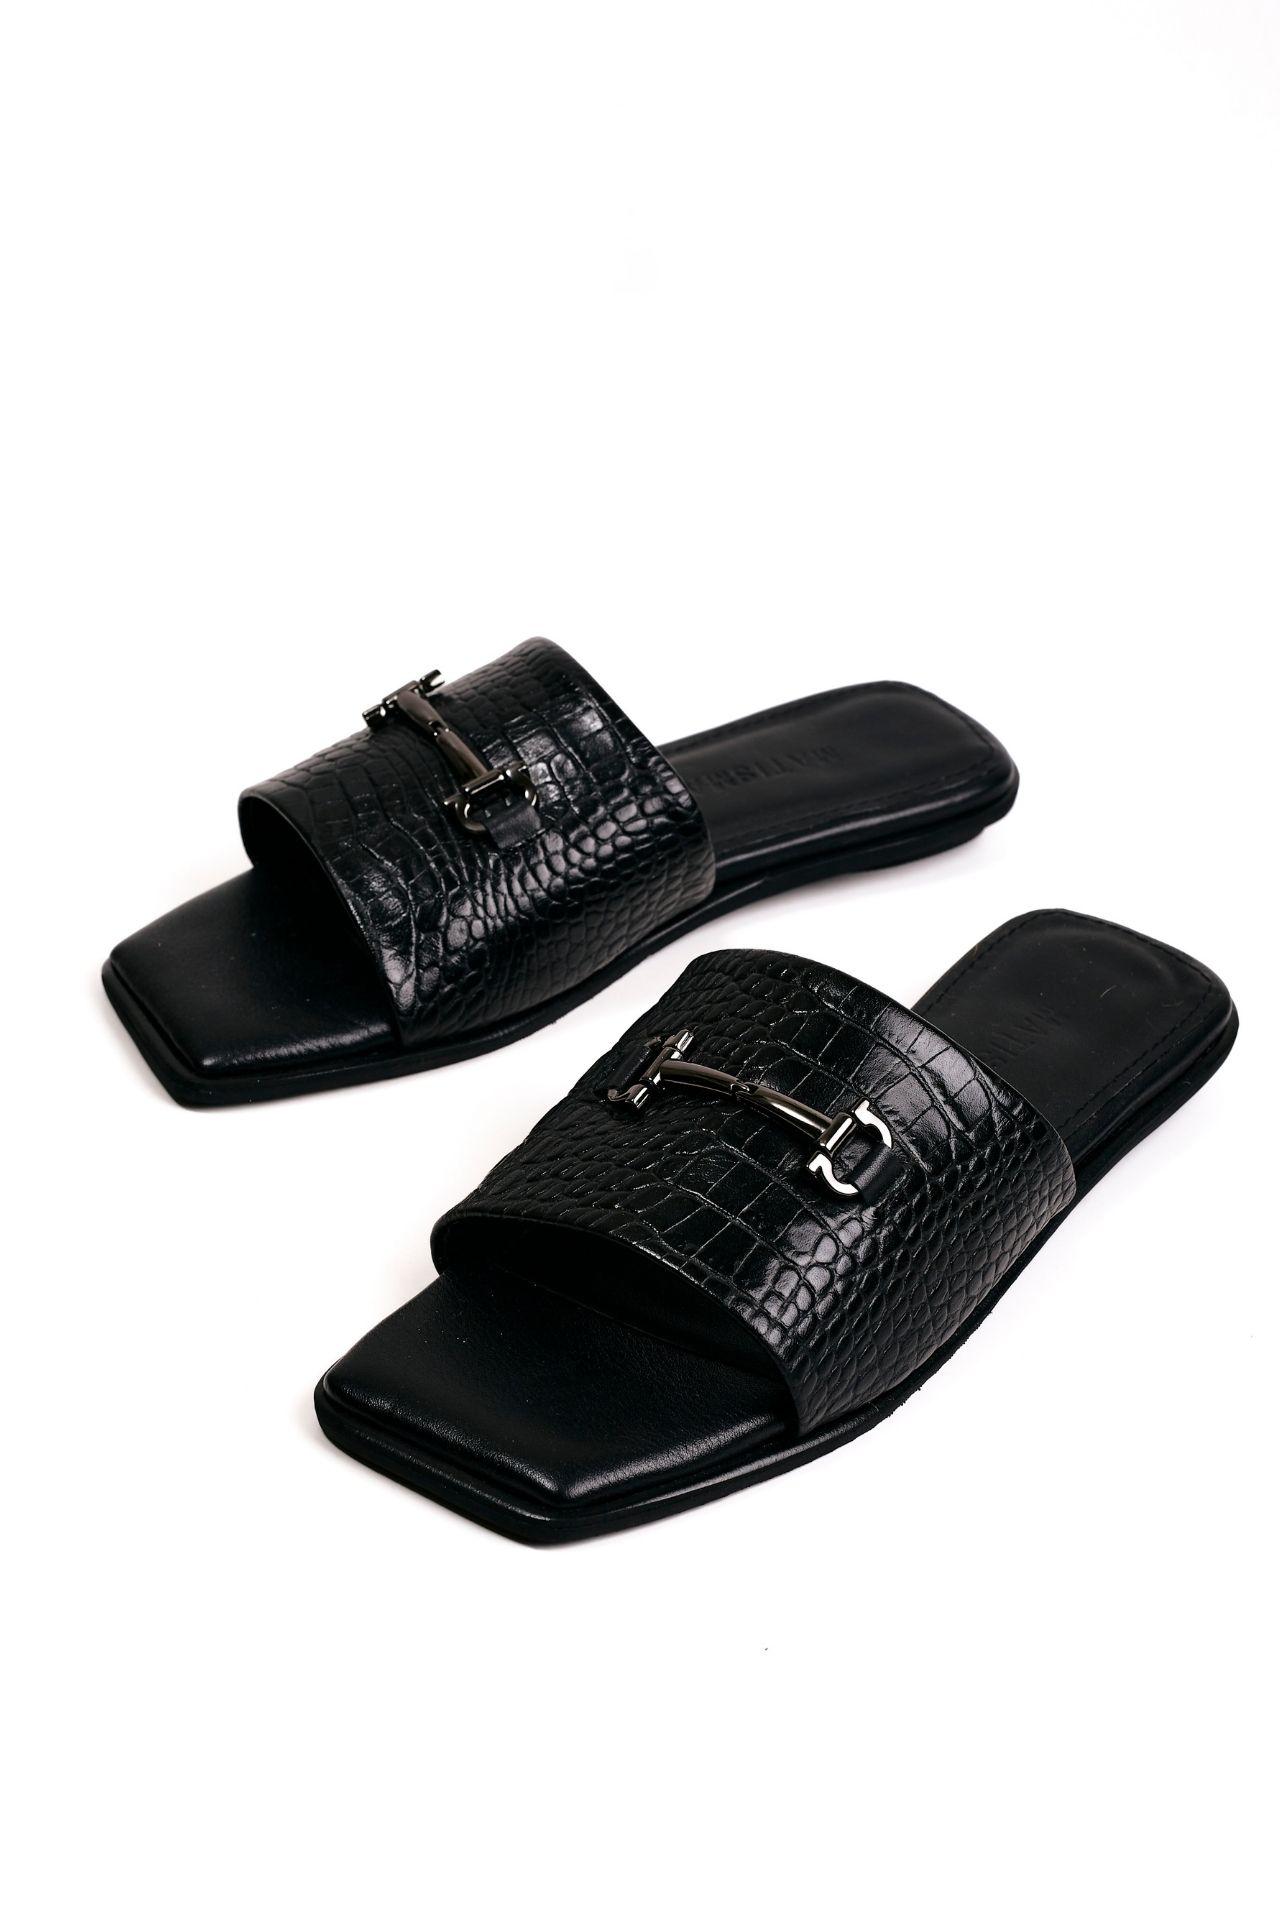 Sandalias con una franja de cuero croco negro  CAPELLADA: CUERO NATURAL / FORRO: BADANA NATURAL